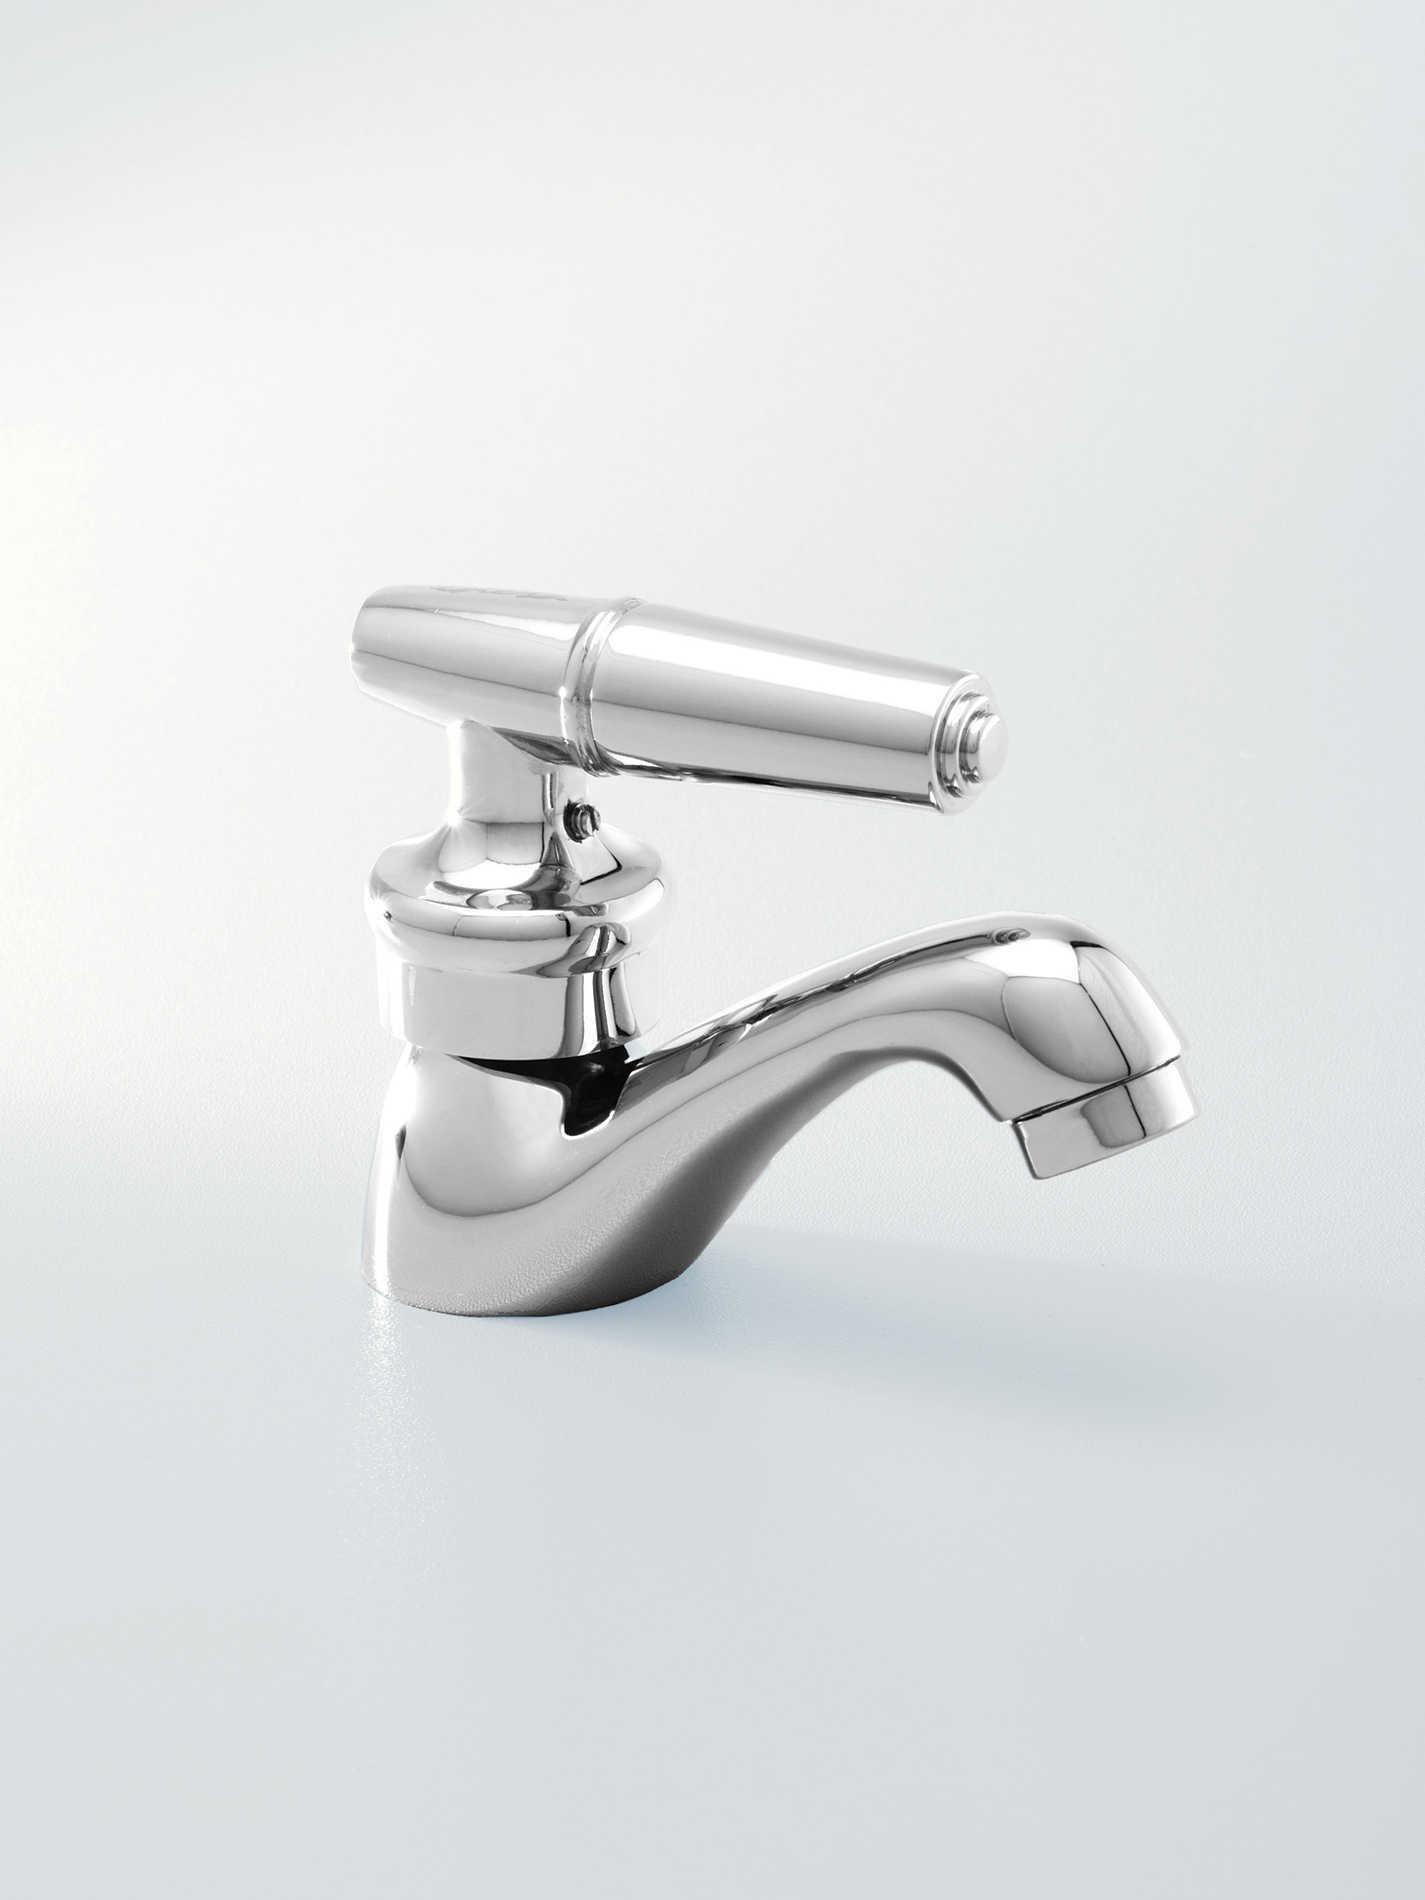 Corvus llave sencilla para lavamanos edesa for Llave sencilla para lavabo